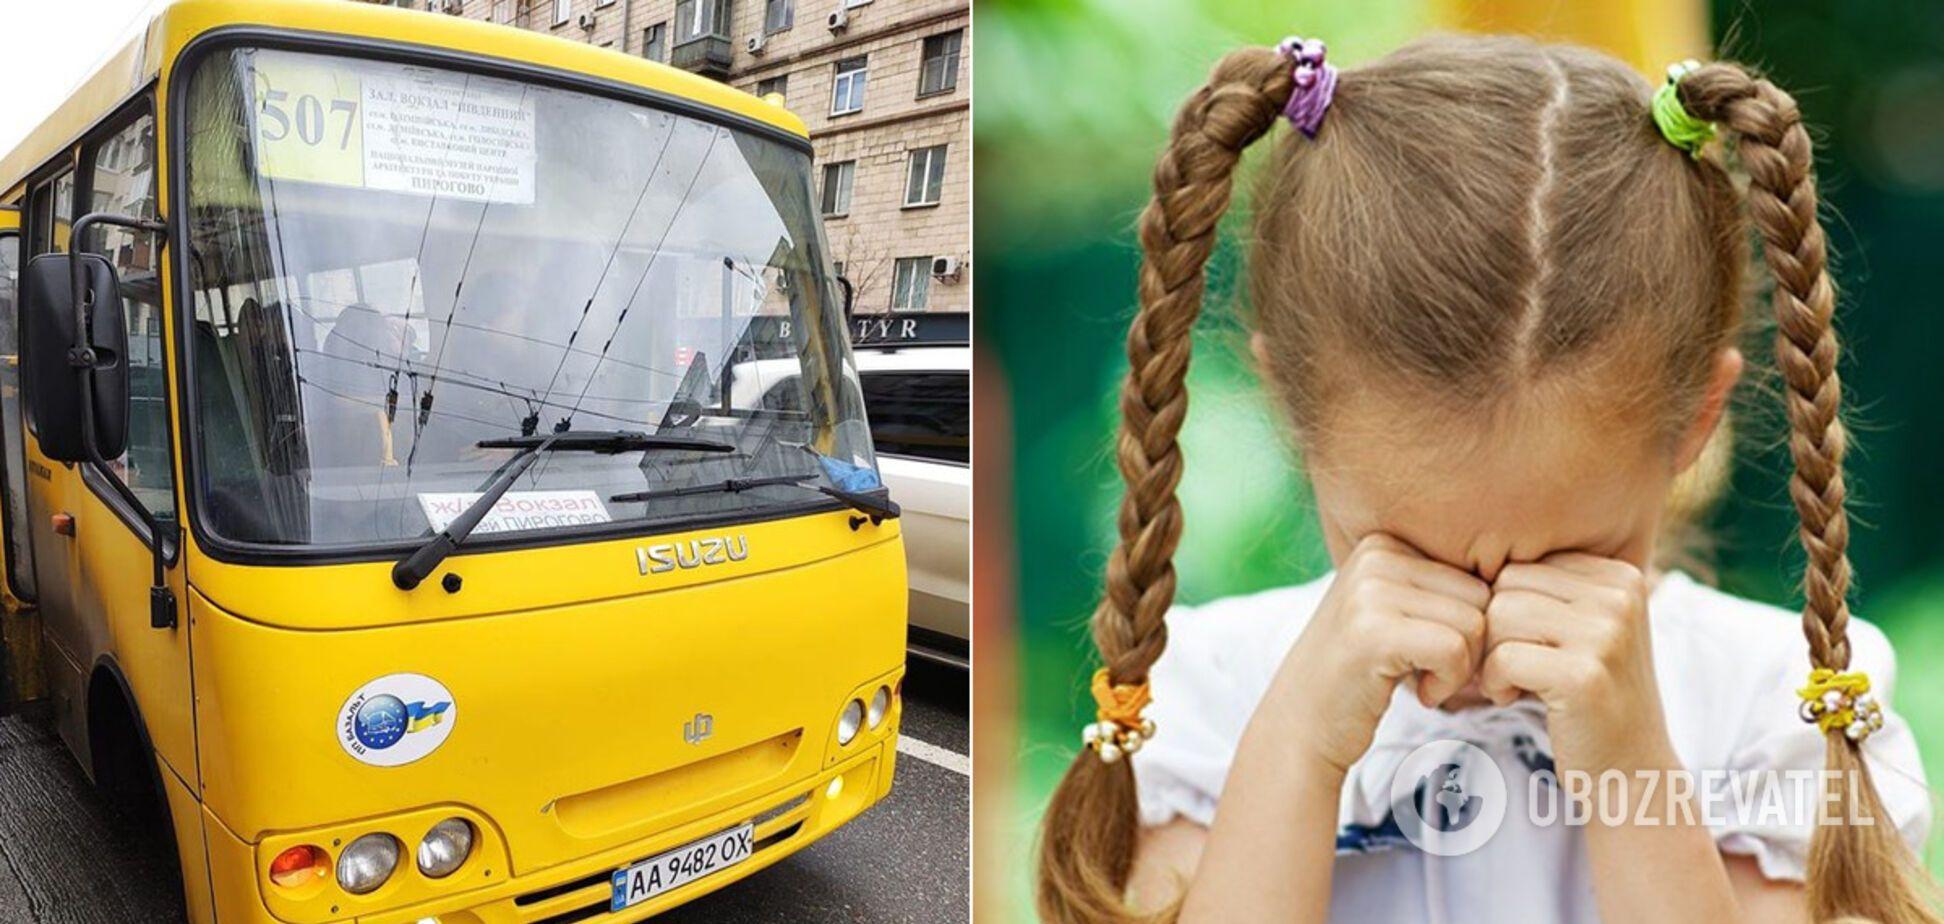 У Києві водій маршрутки втрапив у скандал через дитину